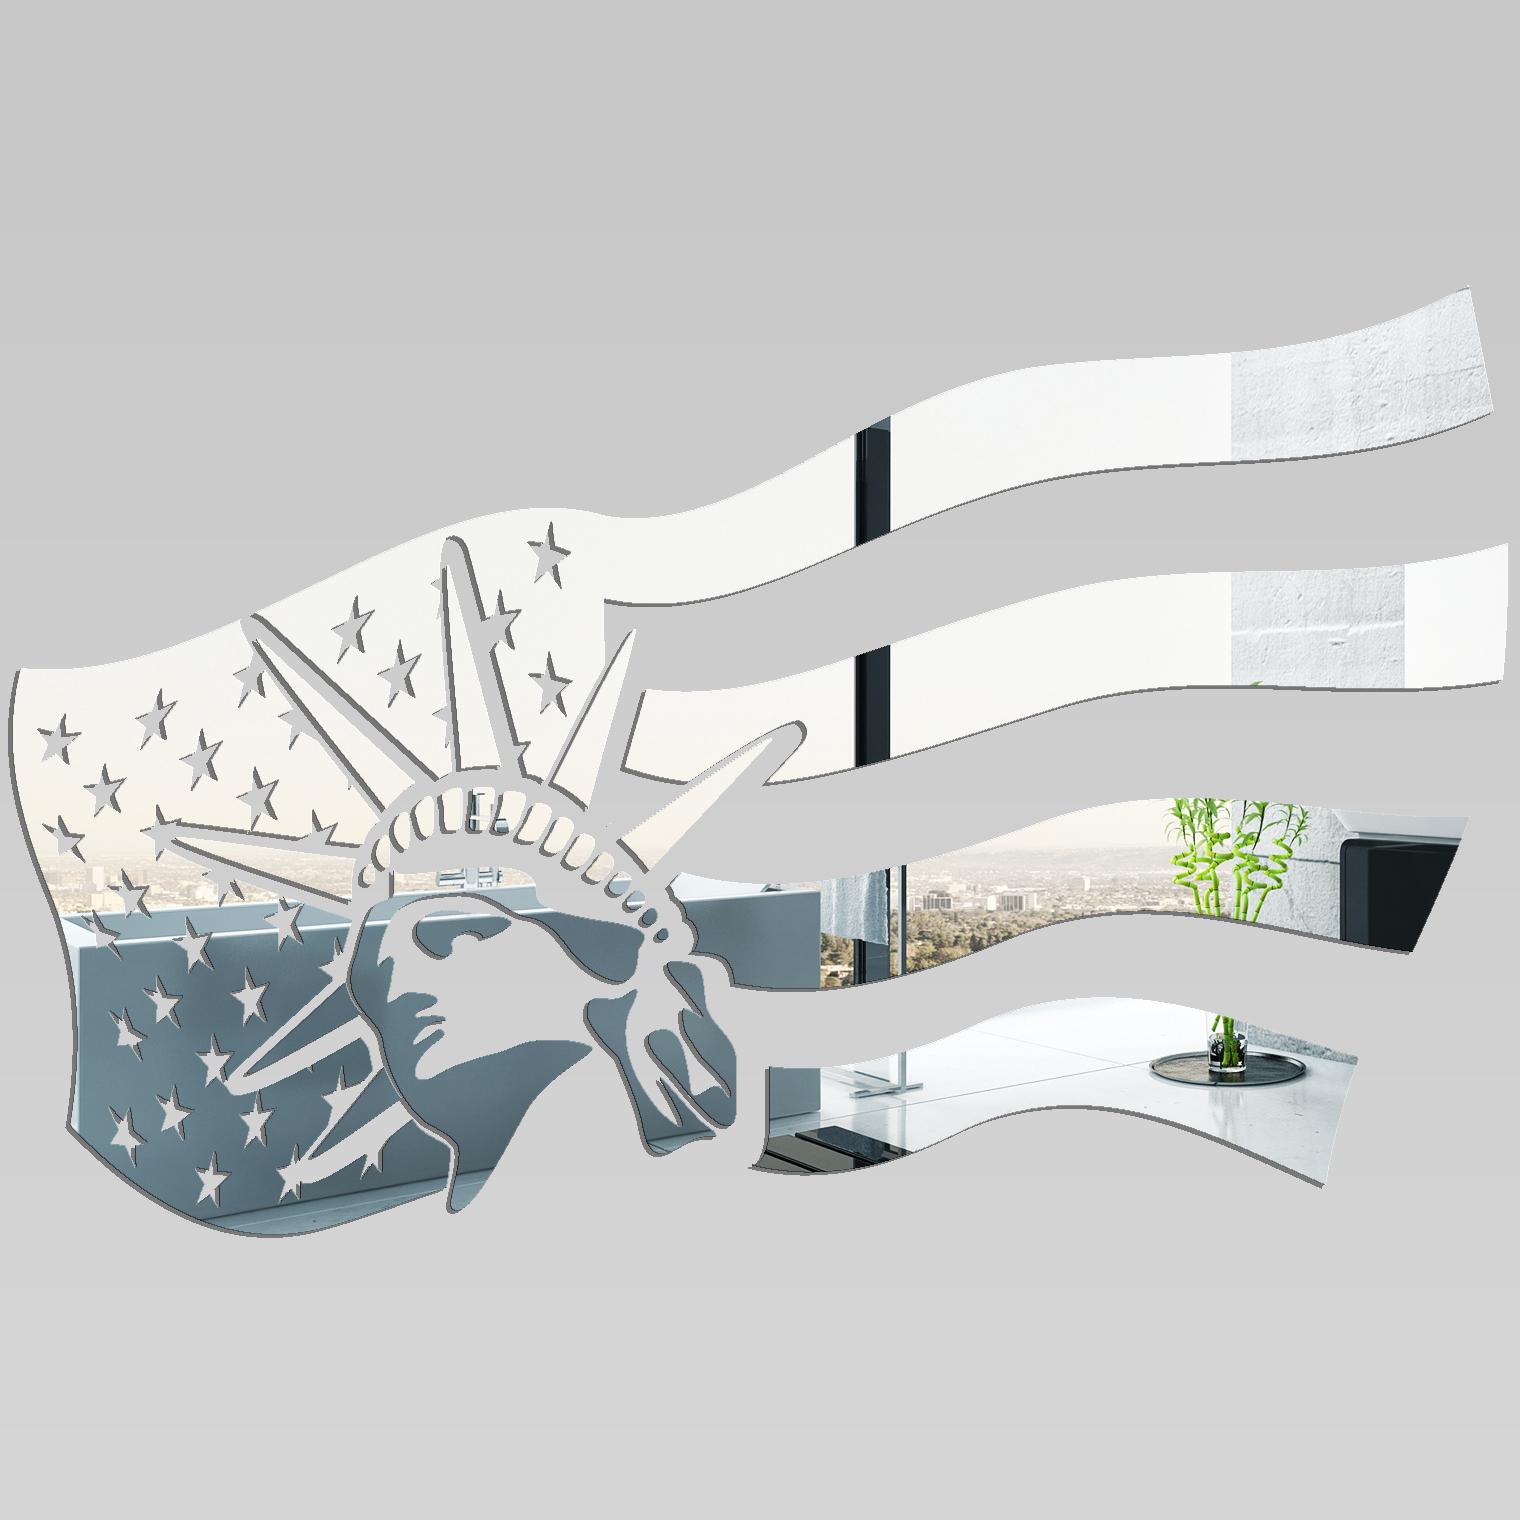 Vinilos folies espejos decorativo acr lico pl xiglas for Miroir new york conforama